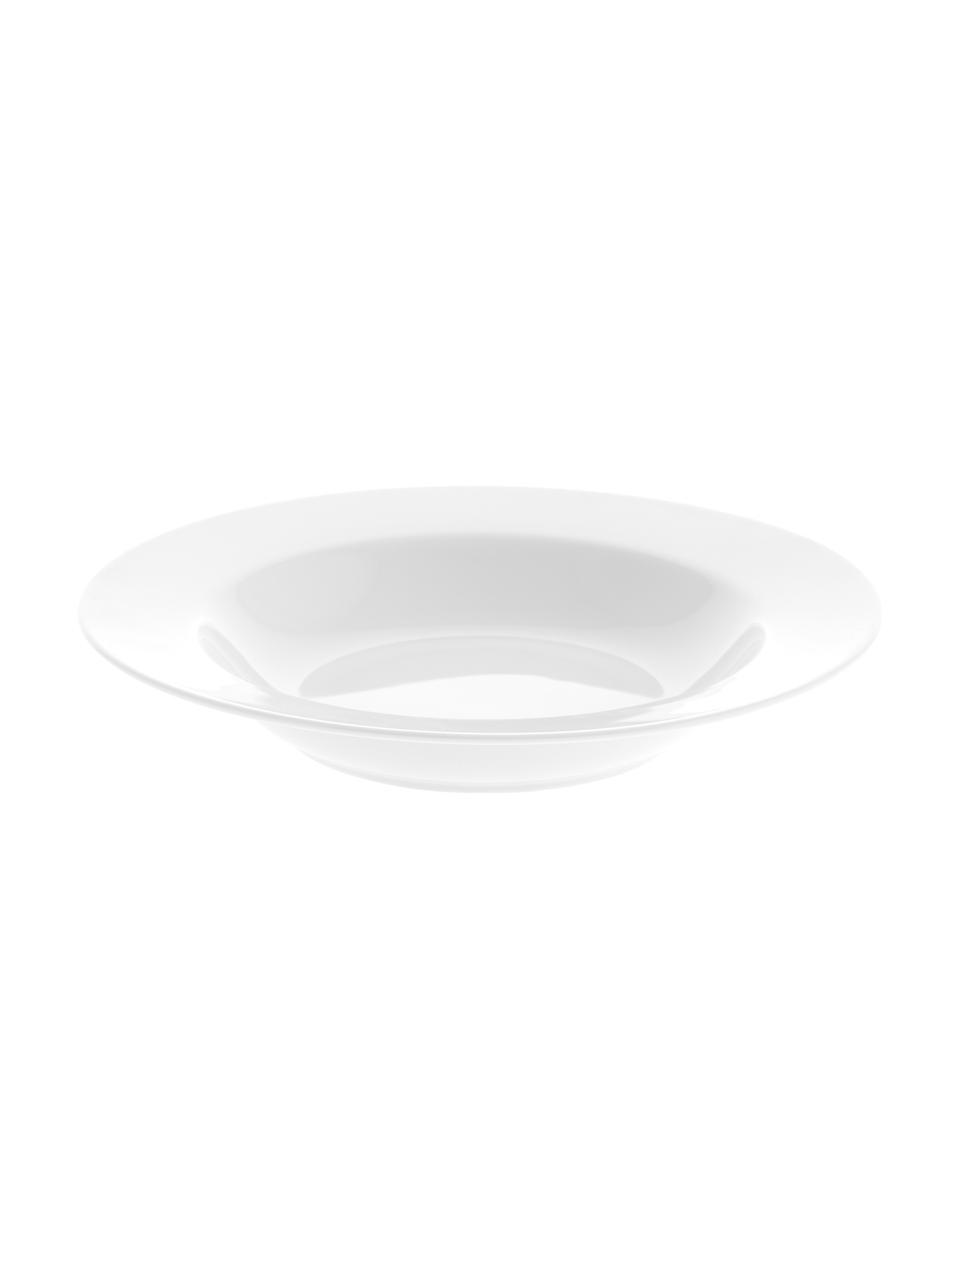 Piatto fondo in porcellana Delight Classic 2 pz, Porcellana, Bianco, Ø 23 x Alt. 4 cm